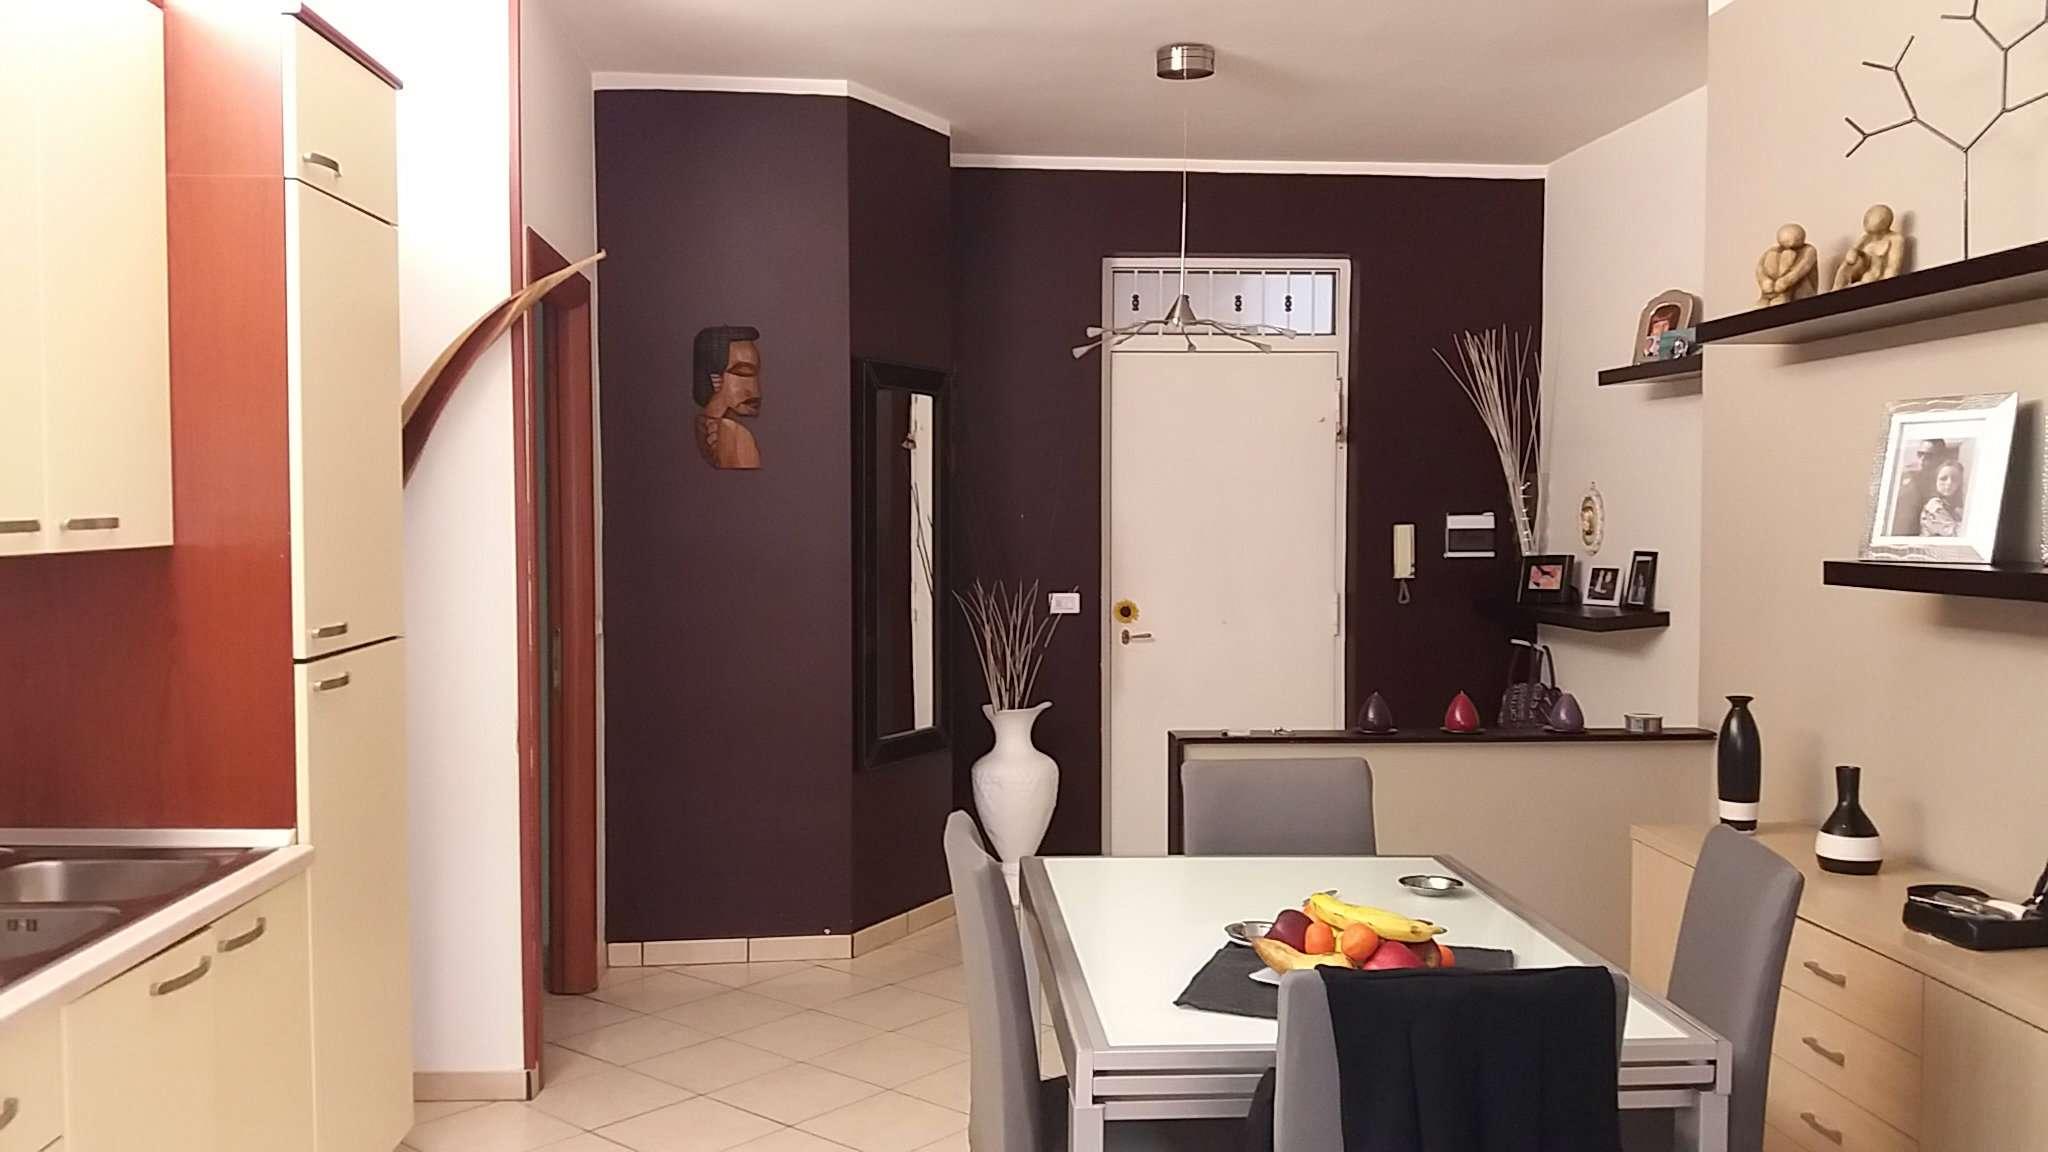 Palazzo / Stabile in vendita a Giugliano in Campania, 30 locali, prezzo € 650.000 | CambioCasa.it